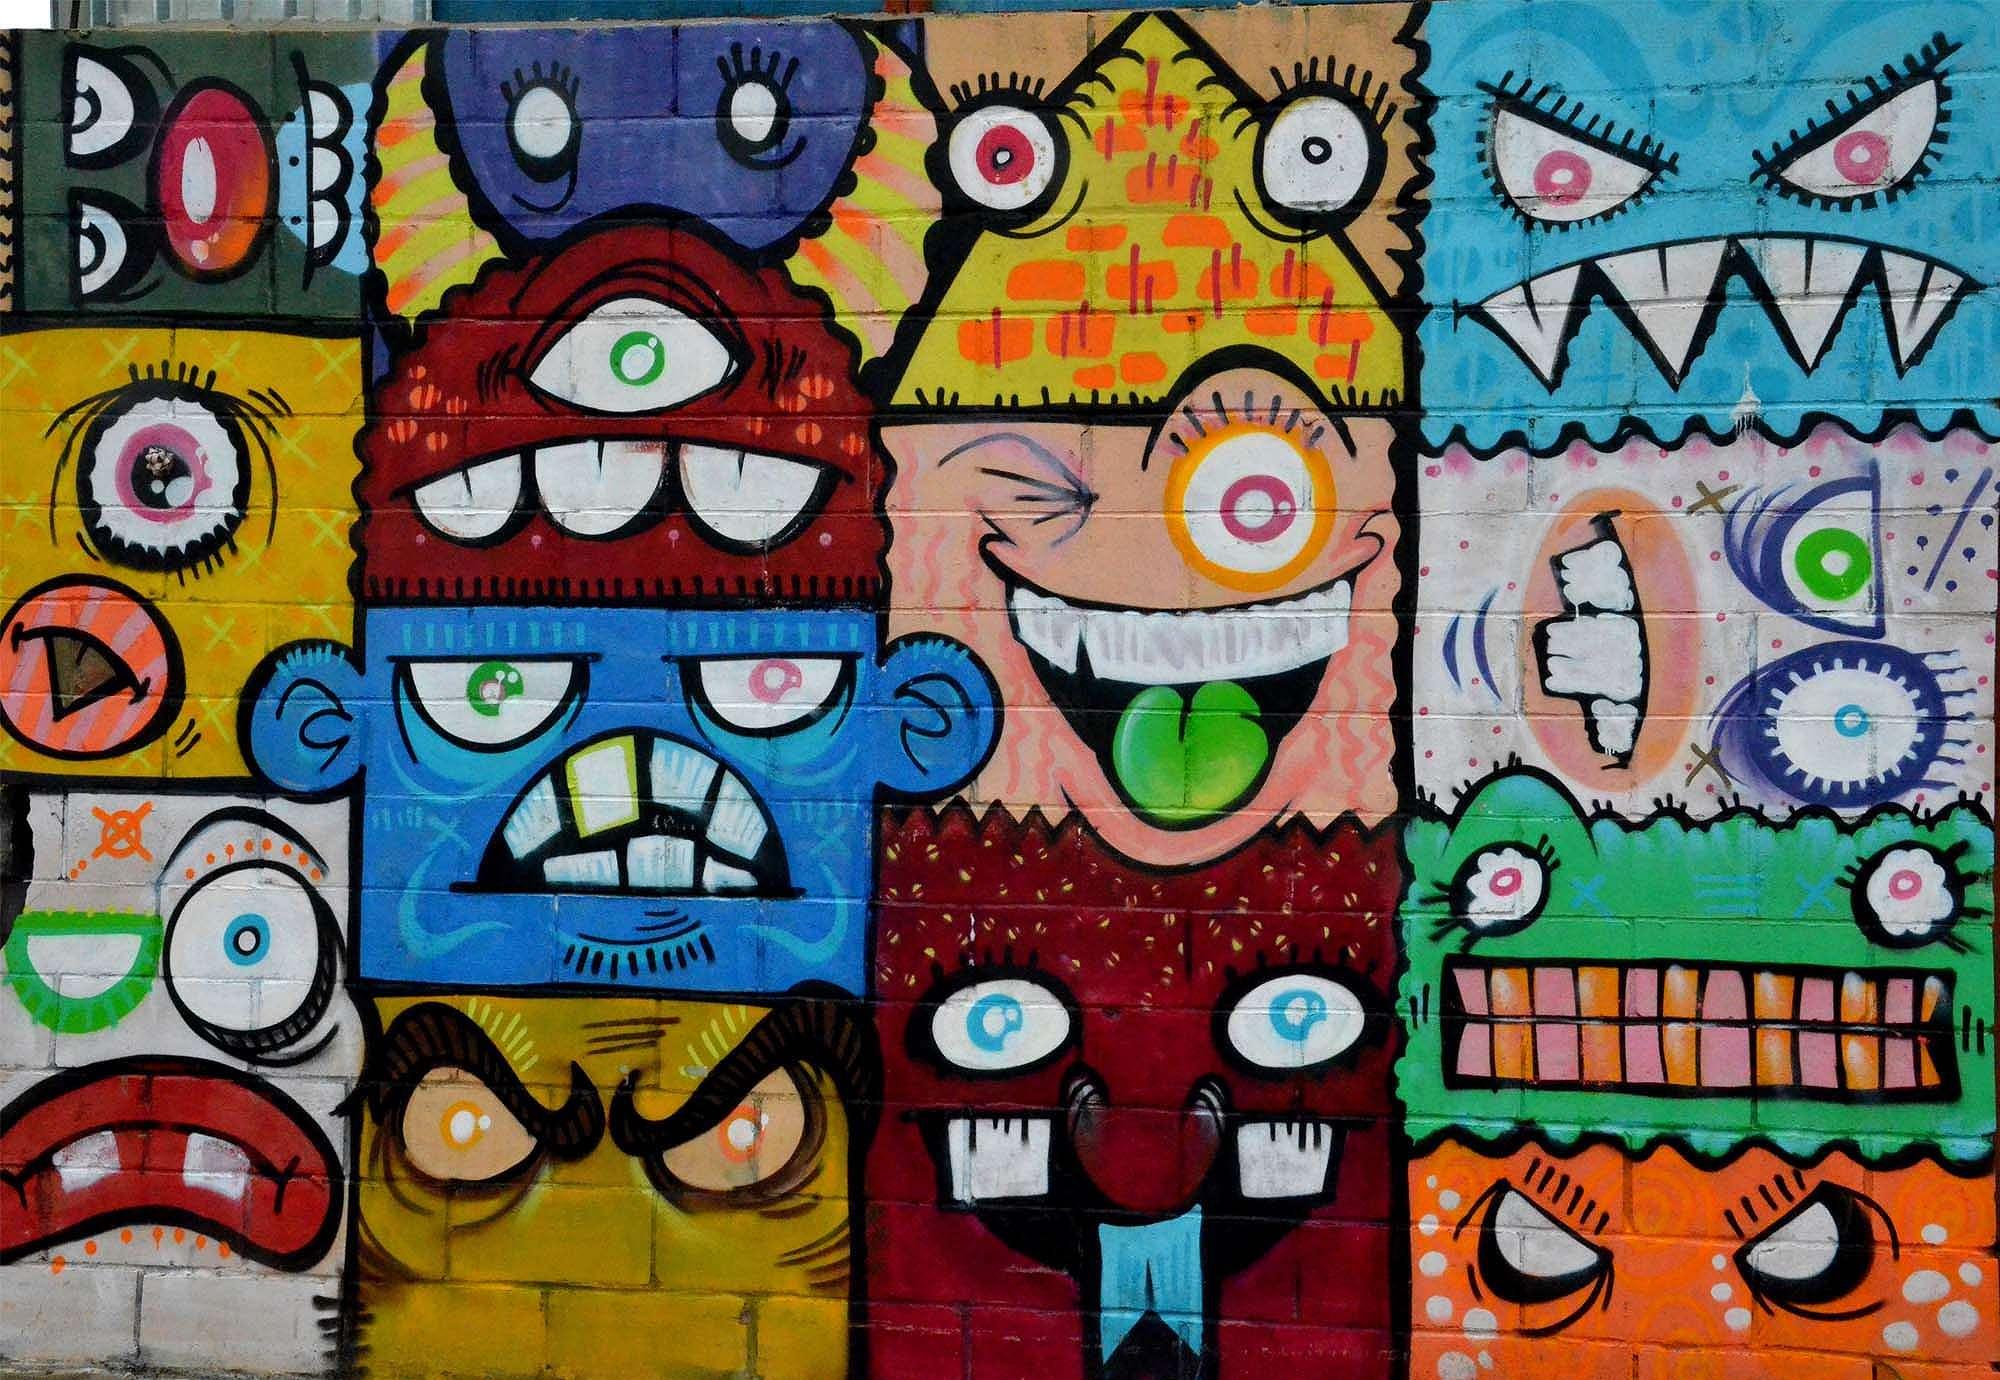 Fali poszter graffiti stílusban mókás figurákkal